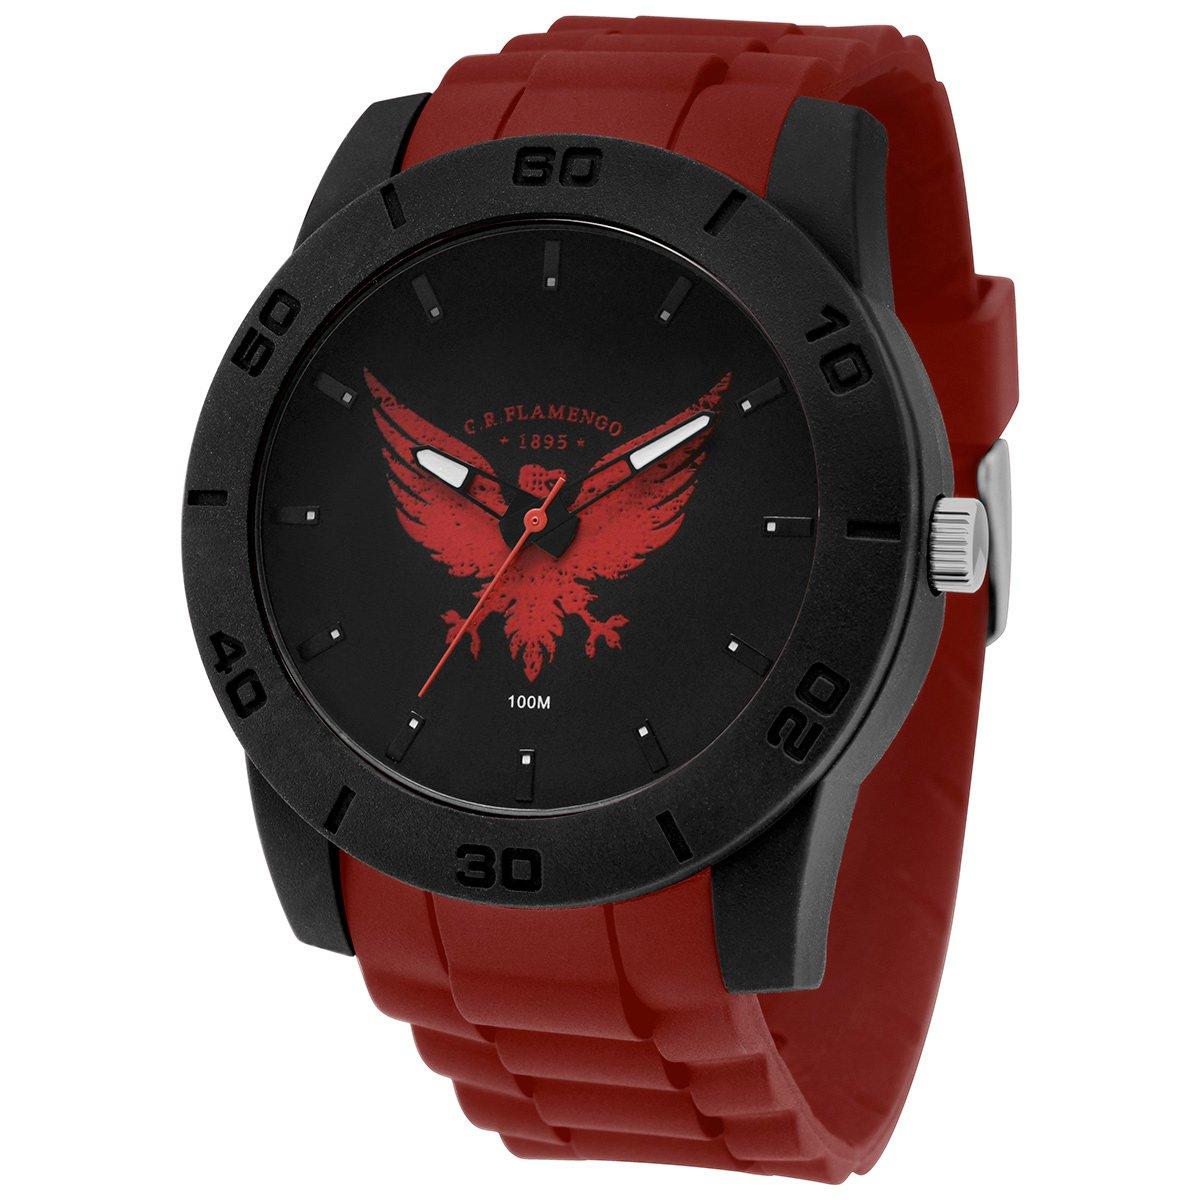 ff279084504d3 Relógio Flamengo Technos Analógico I - Compre Agora